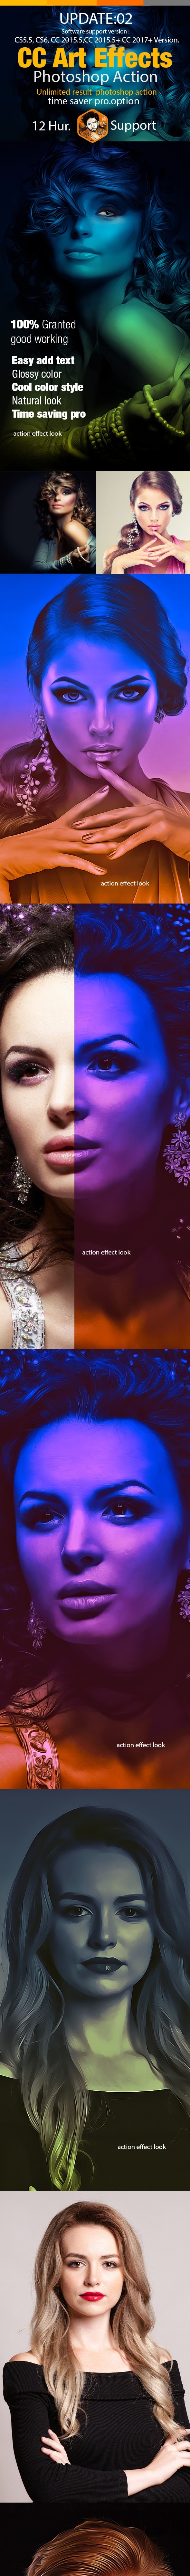 CC Art Effect Photoshop Action - Actions Photoshop